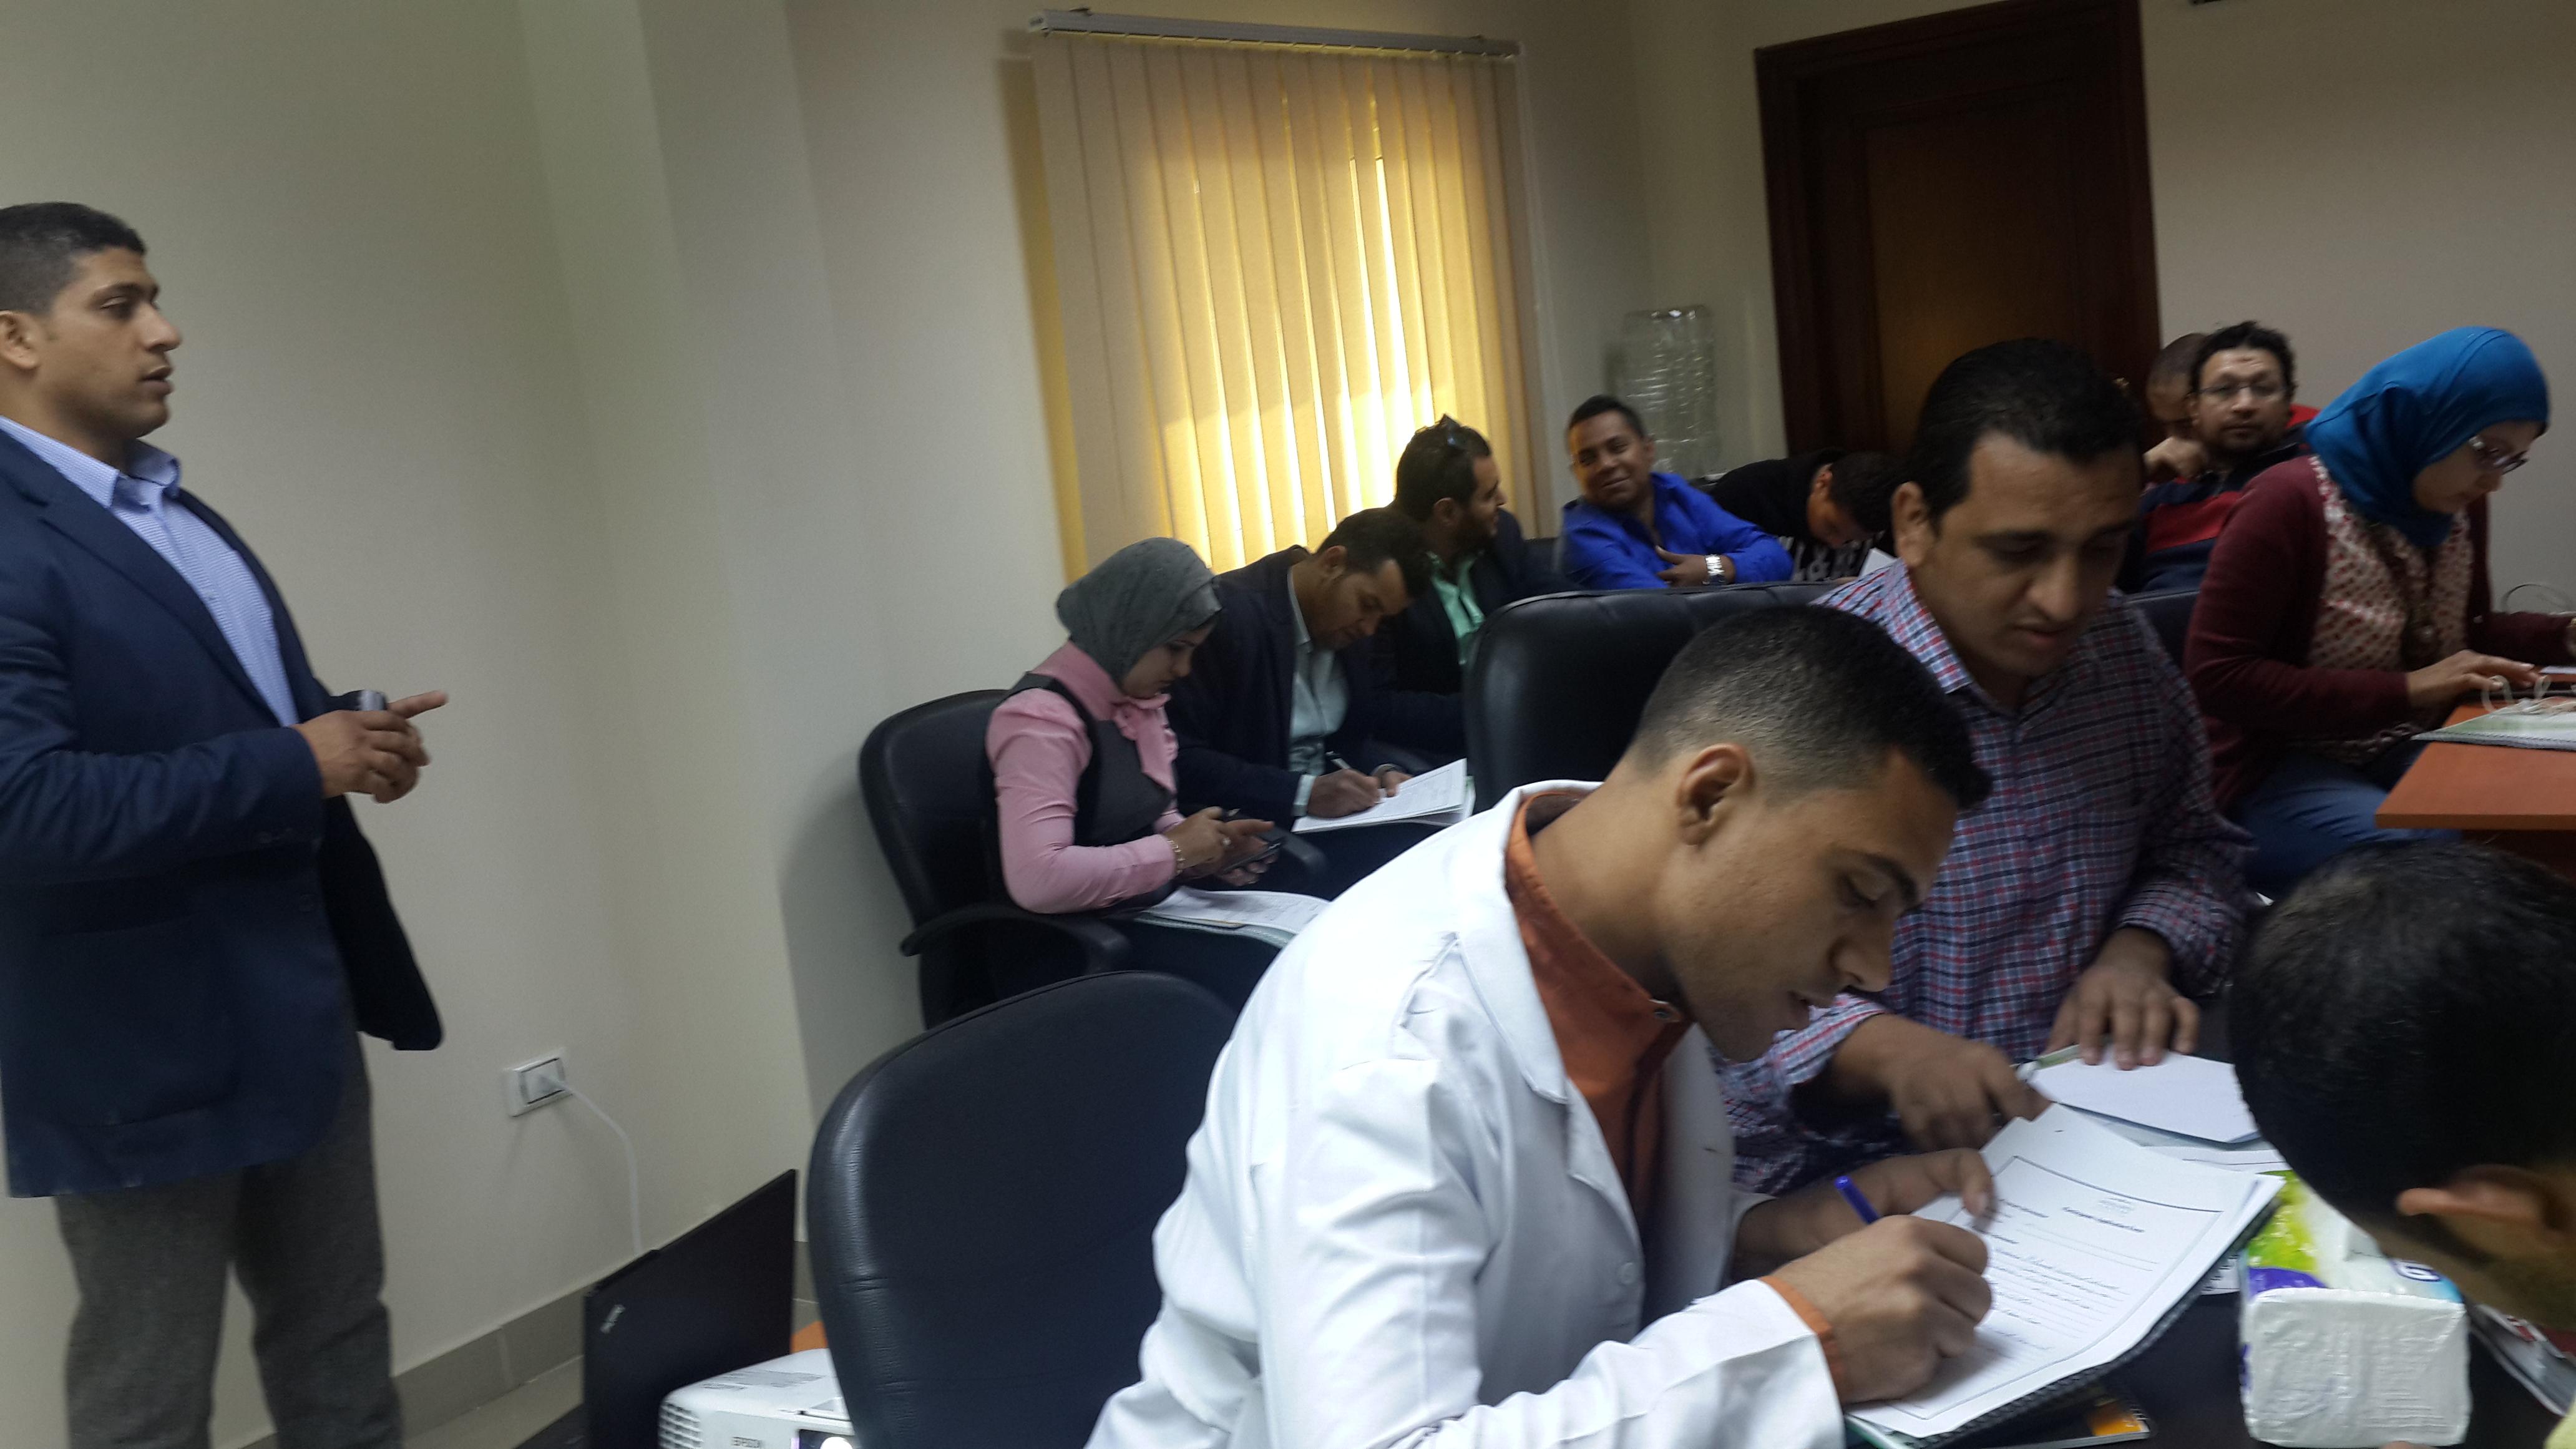 Excellence Center Egypt 20160330-20160330_101010 .jpg